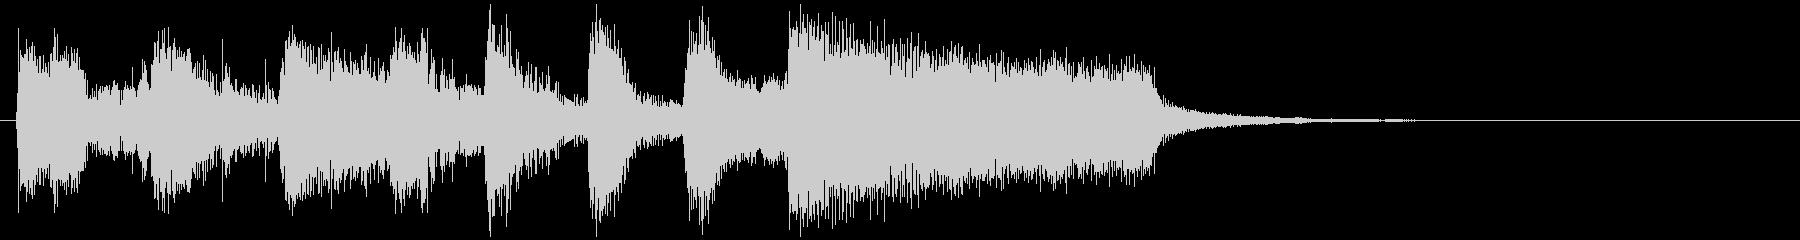 勝利した雰囲気のブラスジャズサウンドロゴの未再生の波形